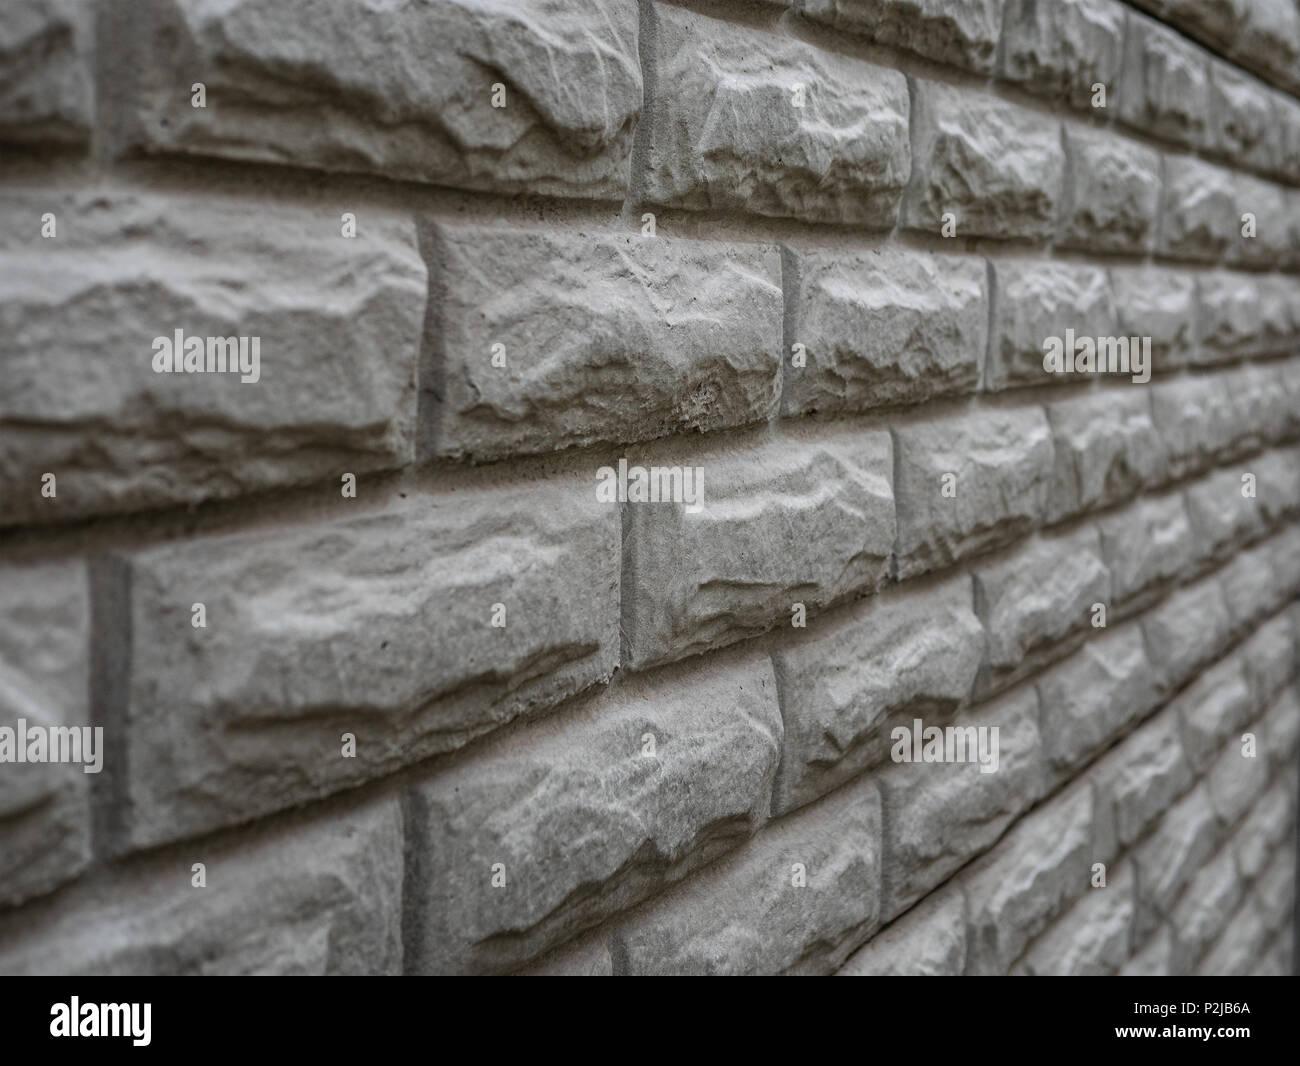 Teinte De Gris Clair abstract texture weathered ancien teinté gris clair en stuc